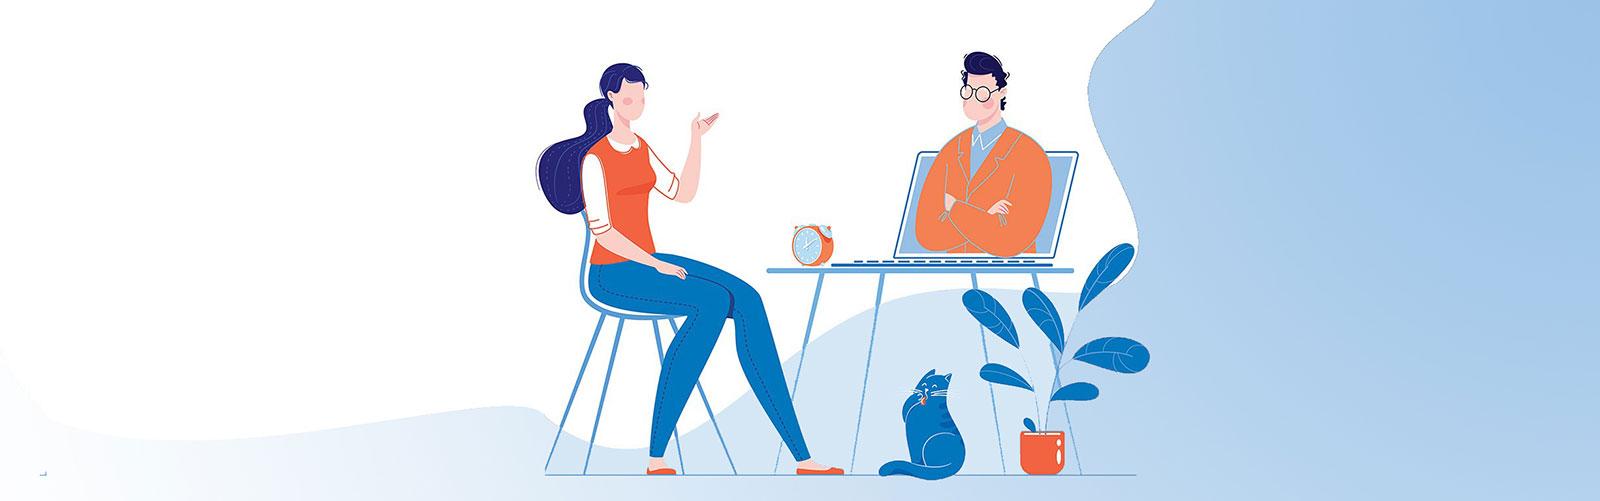 کلینیک مشاوره آنلاین روانشناسی